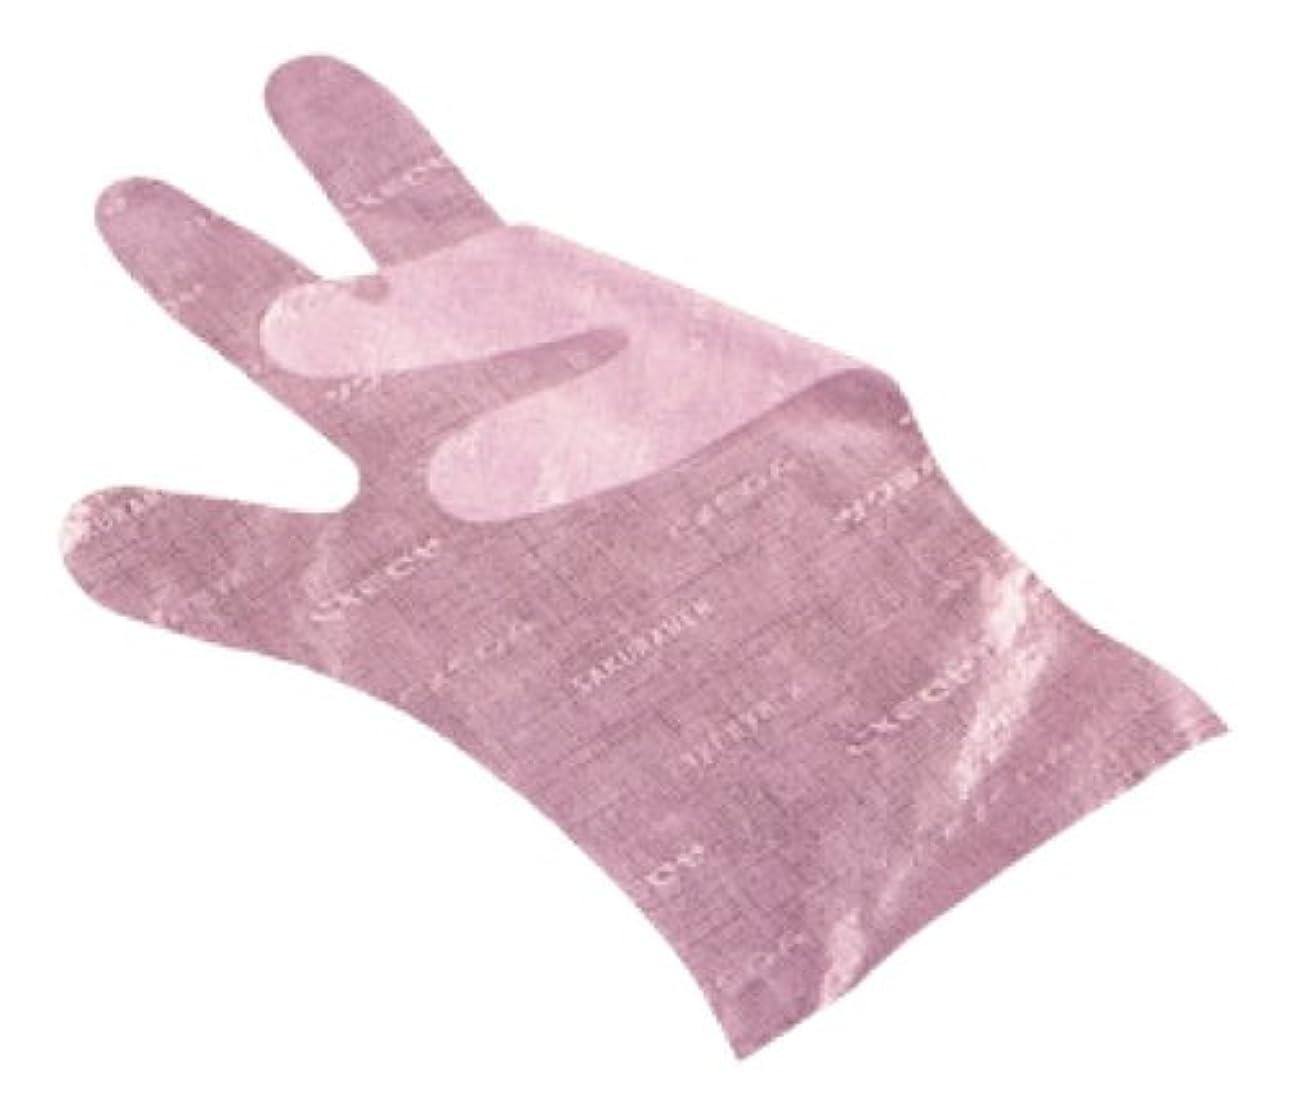 注意やめるキウイサクラメン手袋 デラックス(100枚入)S ピンク 35μ